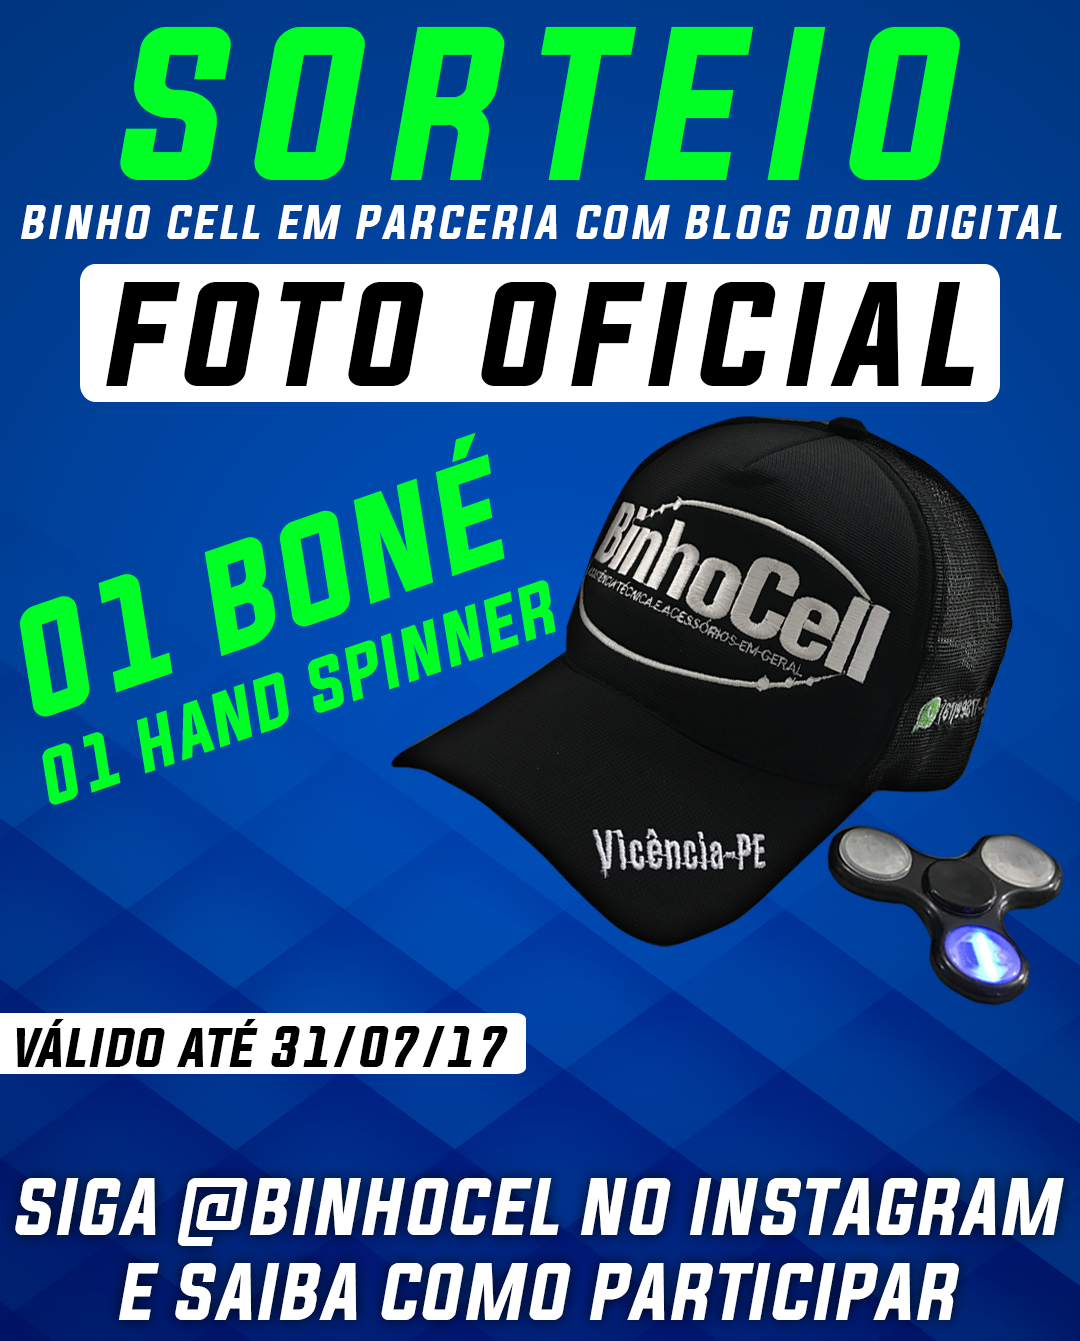 SORTEIO - 01 Hand Spinner com Som Bluetooth e Led e 01 Boné Personalizado  da Loja Binho Cell d6a1460019e